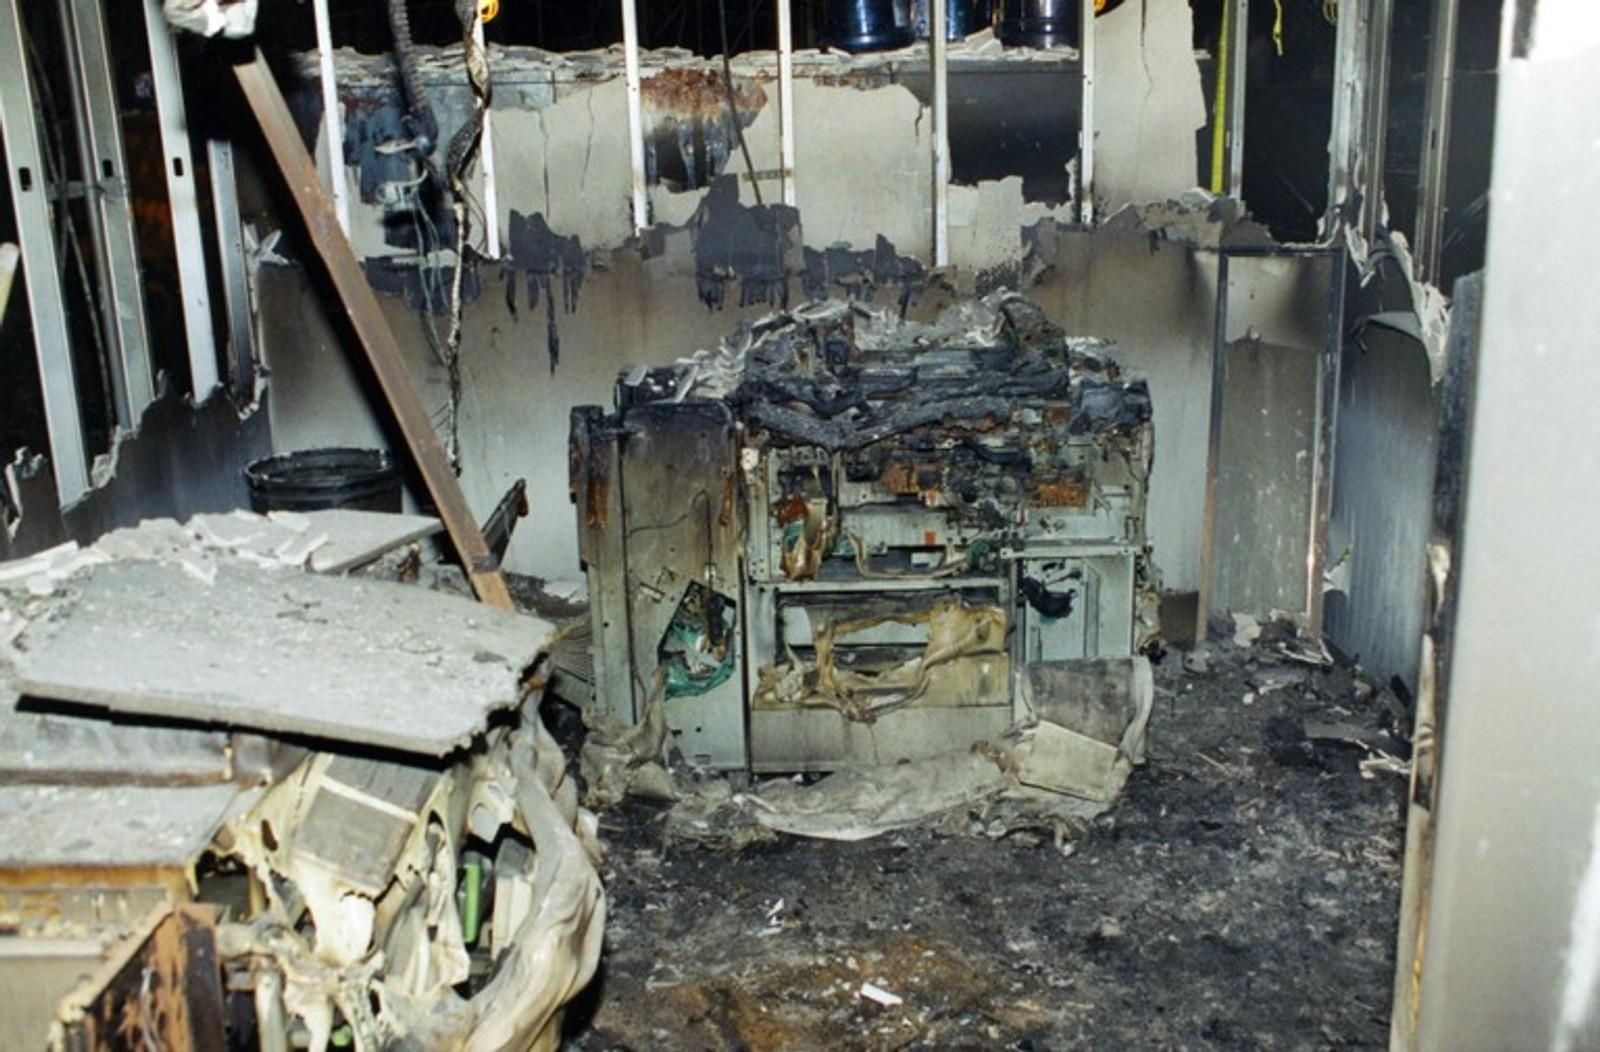 En ødelagt kopimaskin vitner om det yrende kontormiljøet som befant seg på stedet.